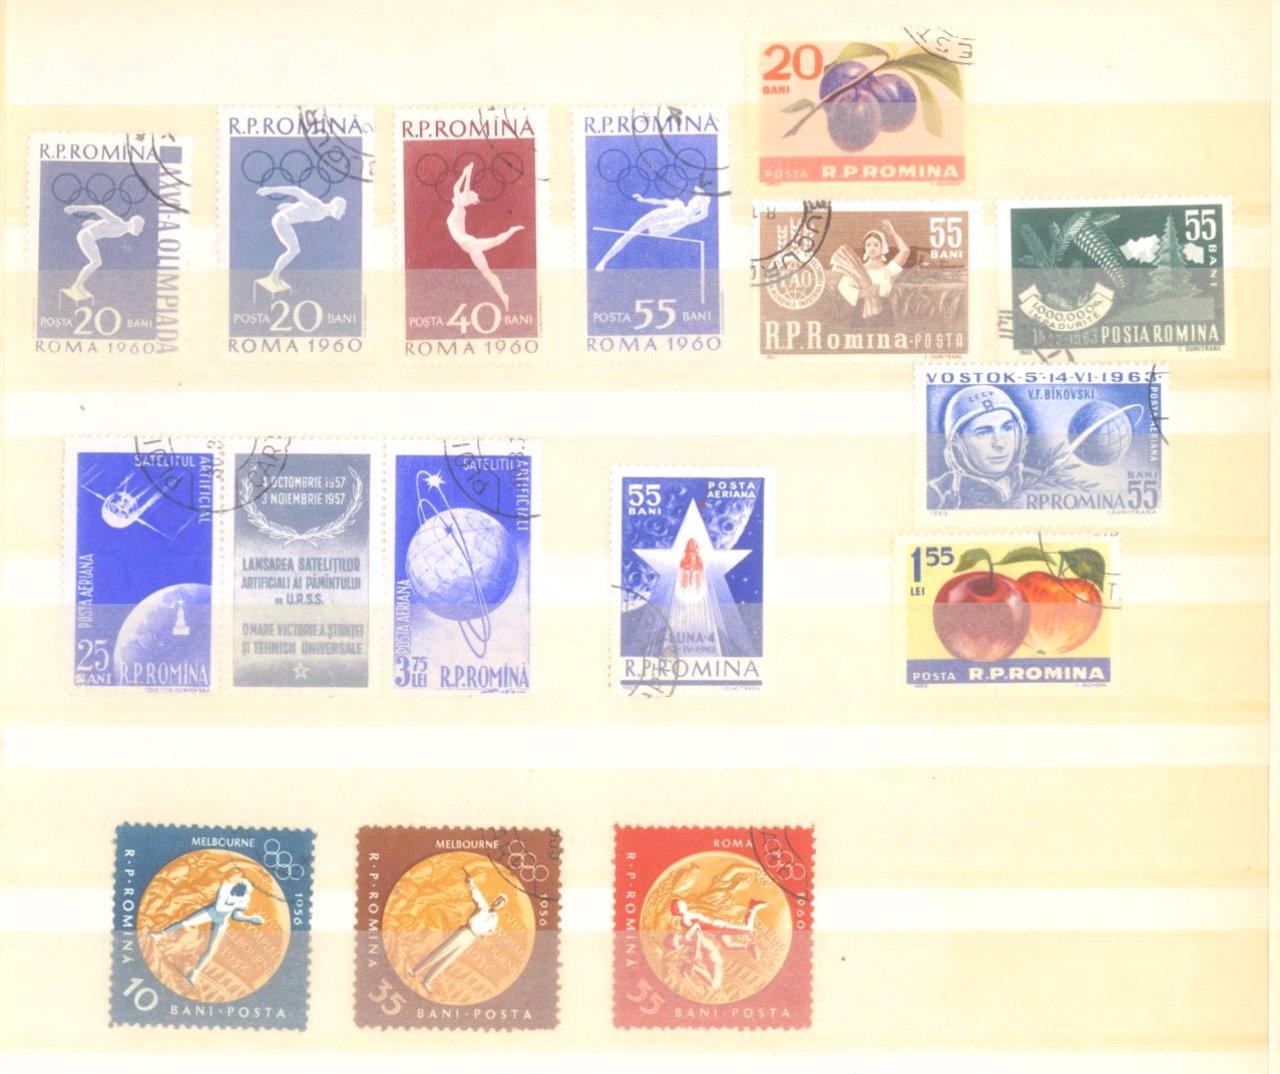 Mannheimer Briefmarkennachlass-50